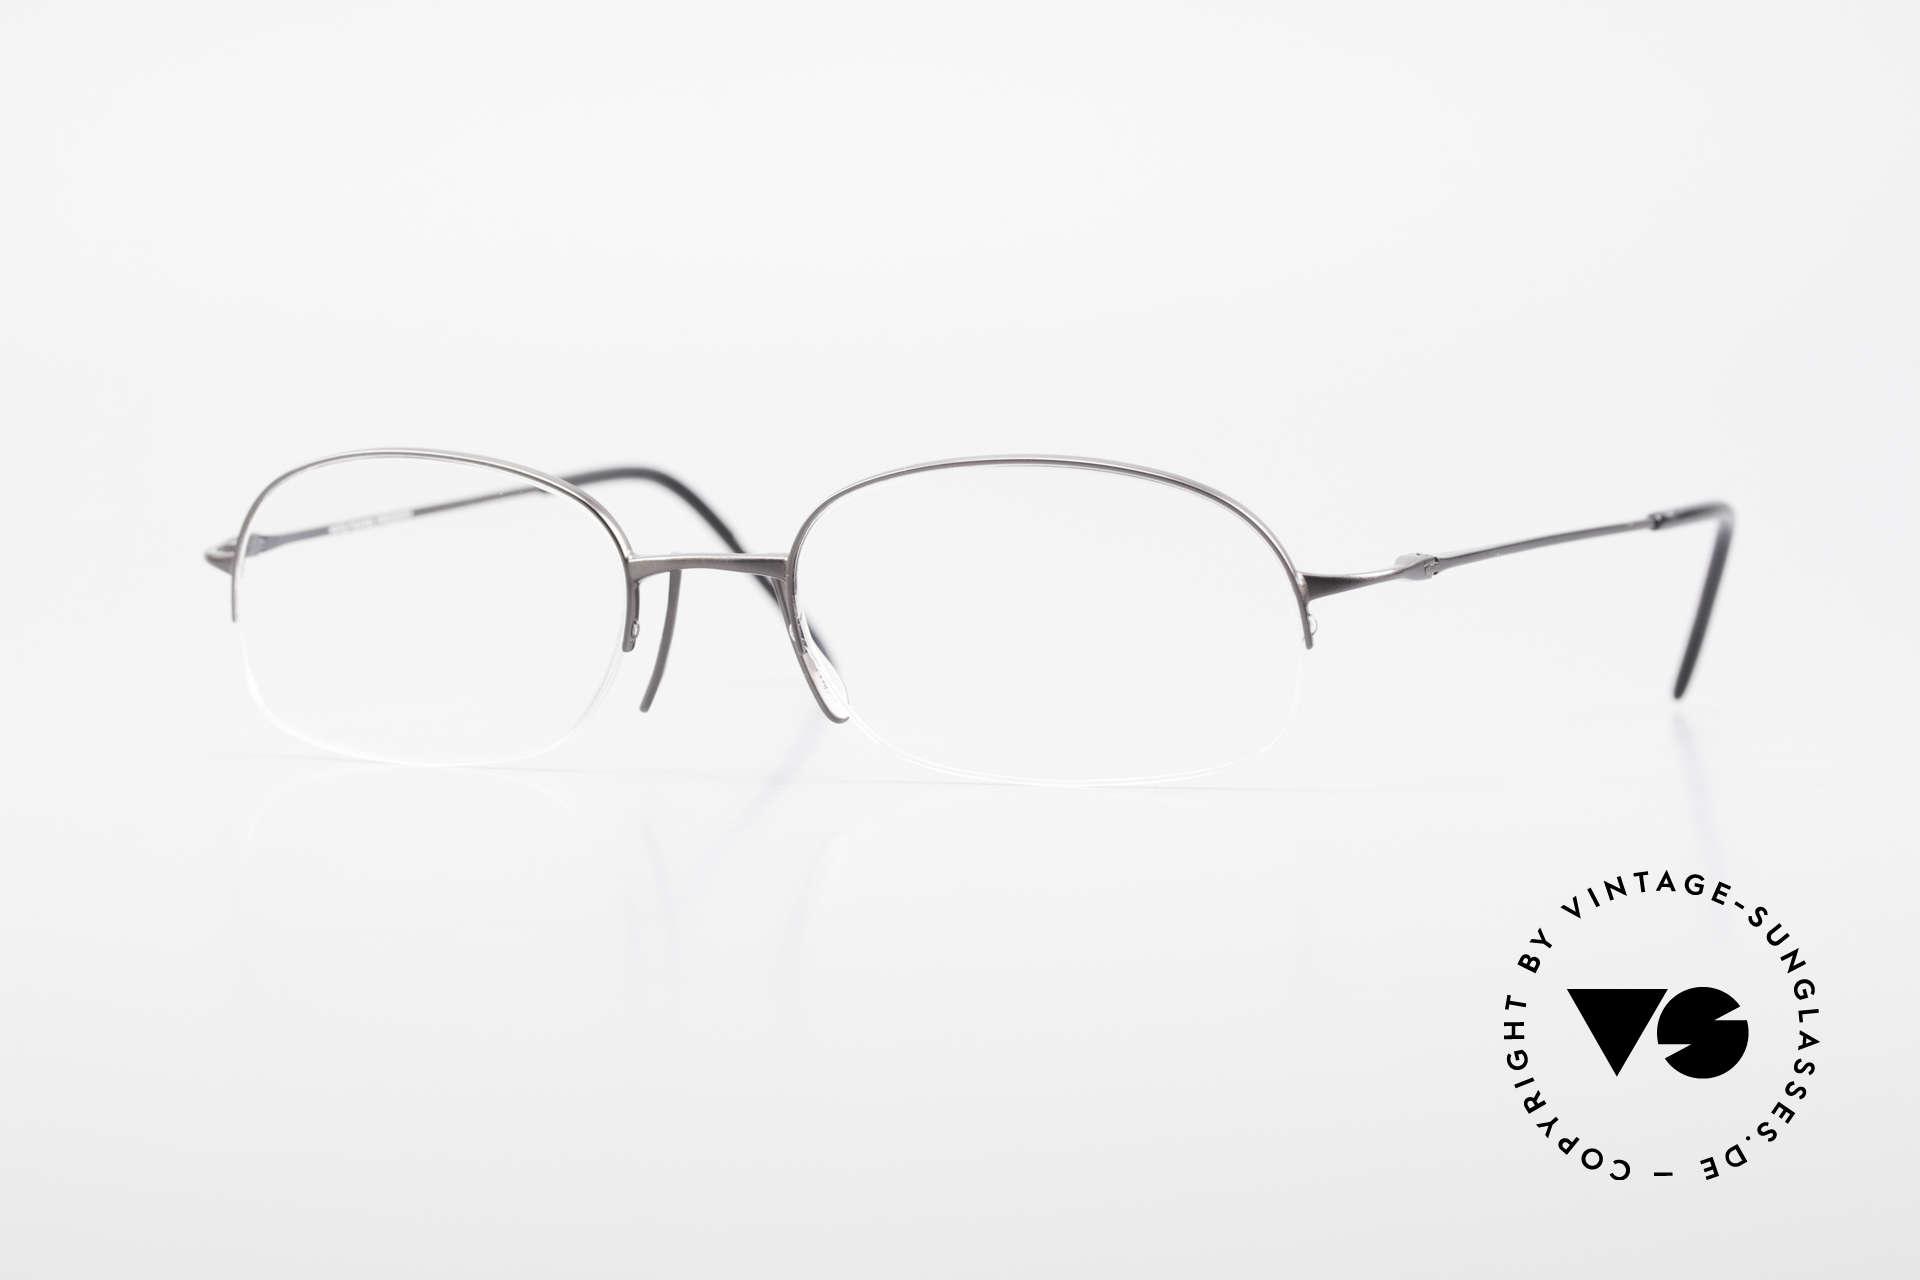 Wolfgang Proksch WP0007 Halb Randlose Titanfassung, Wolfgang Proksch vintage Brillenfassung von 1999, Passend für Herren